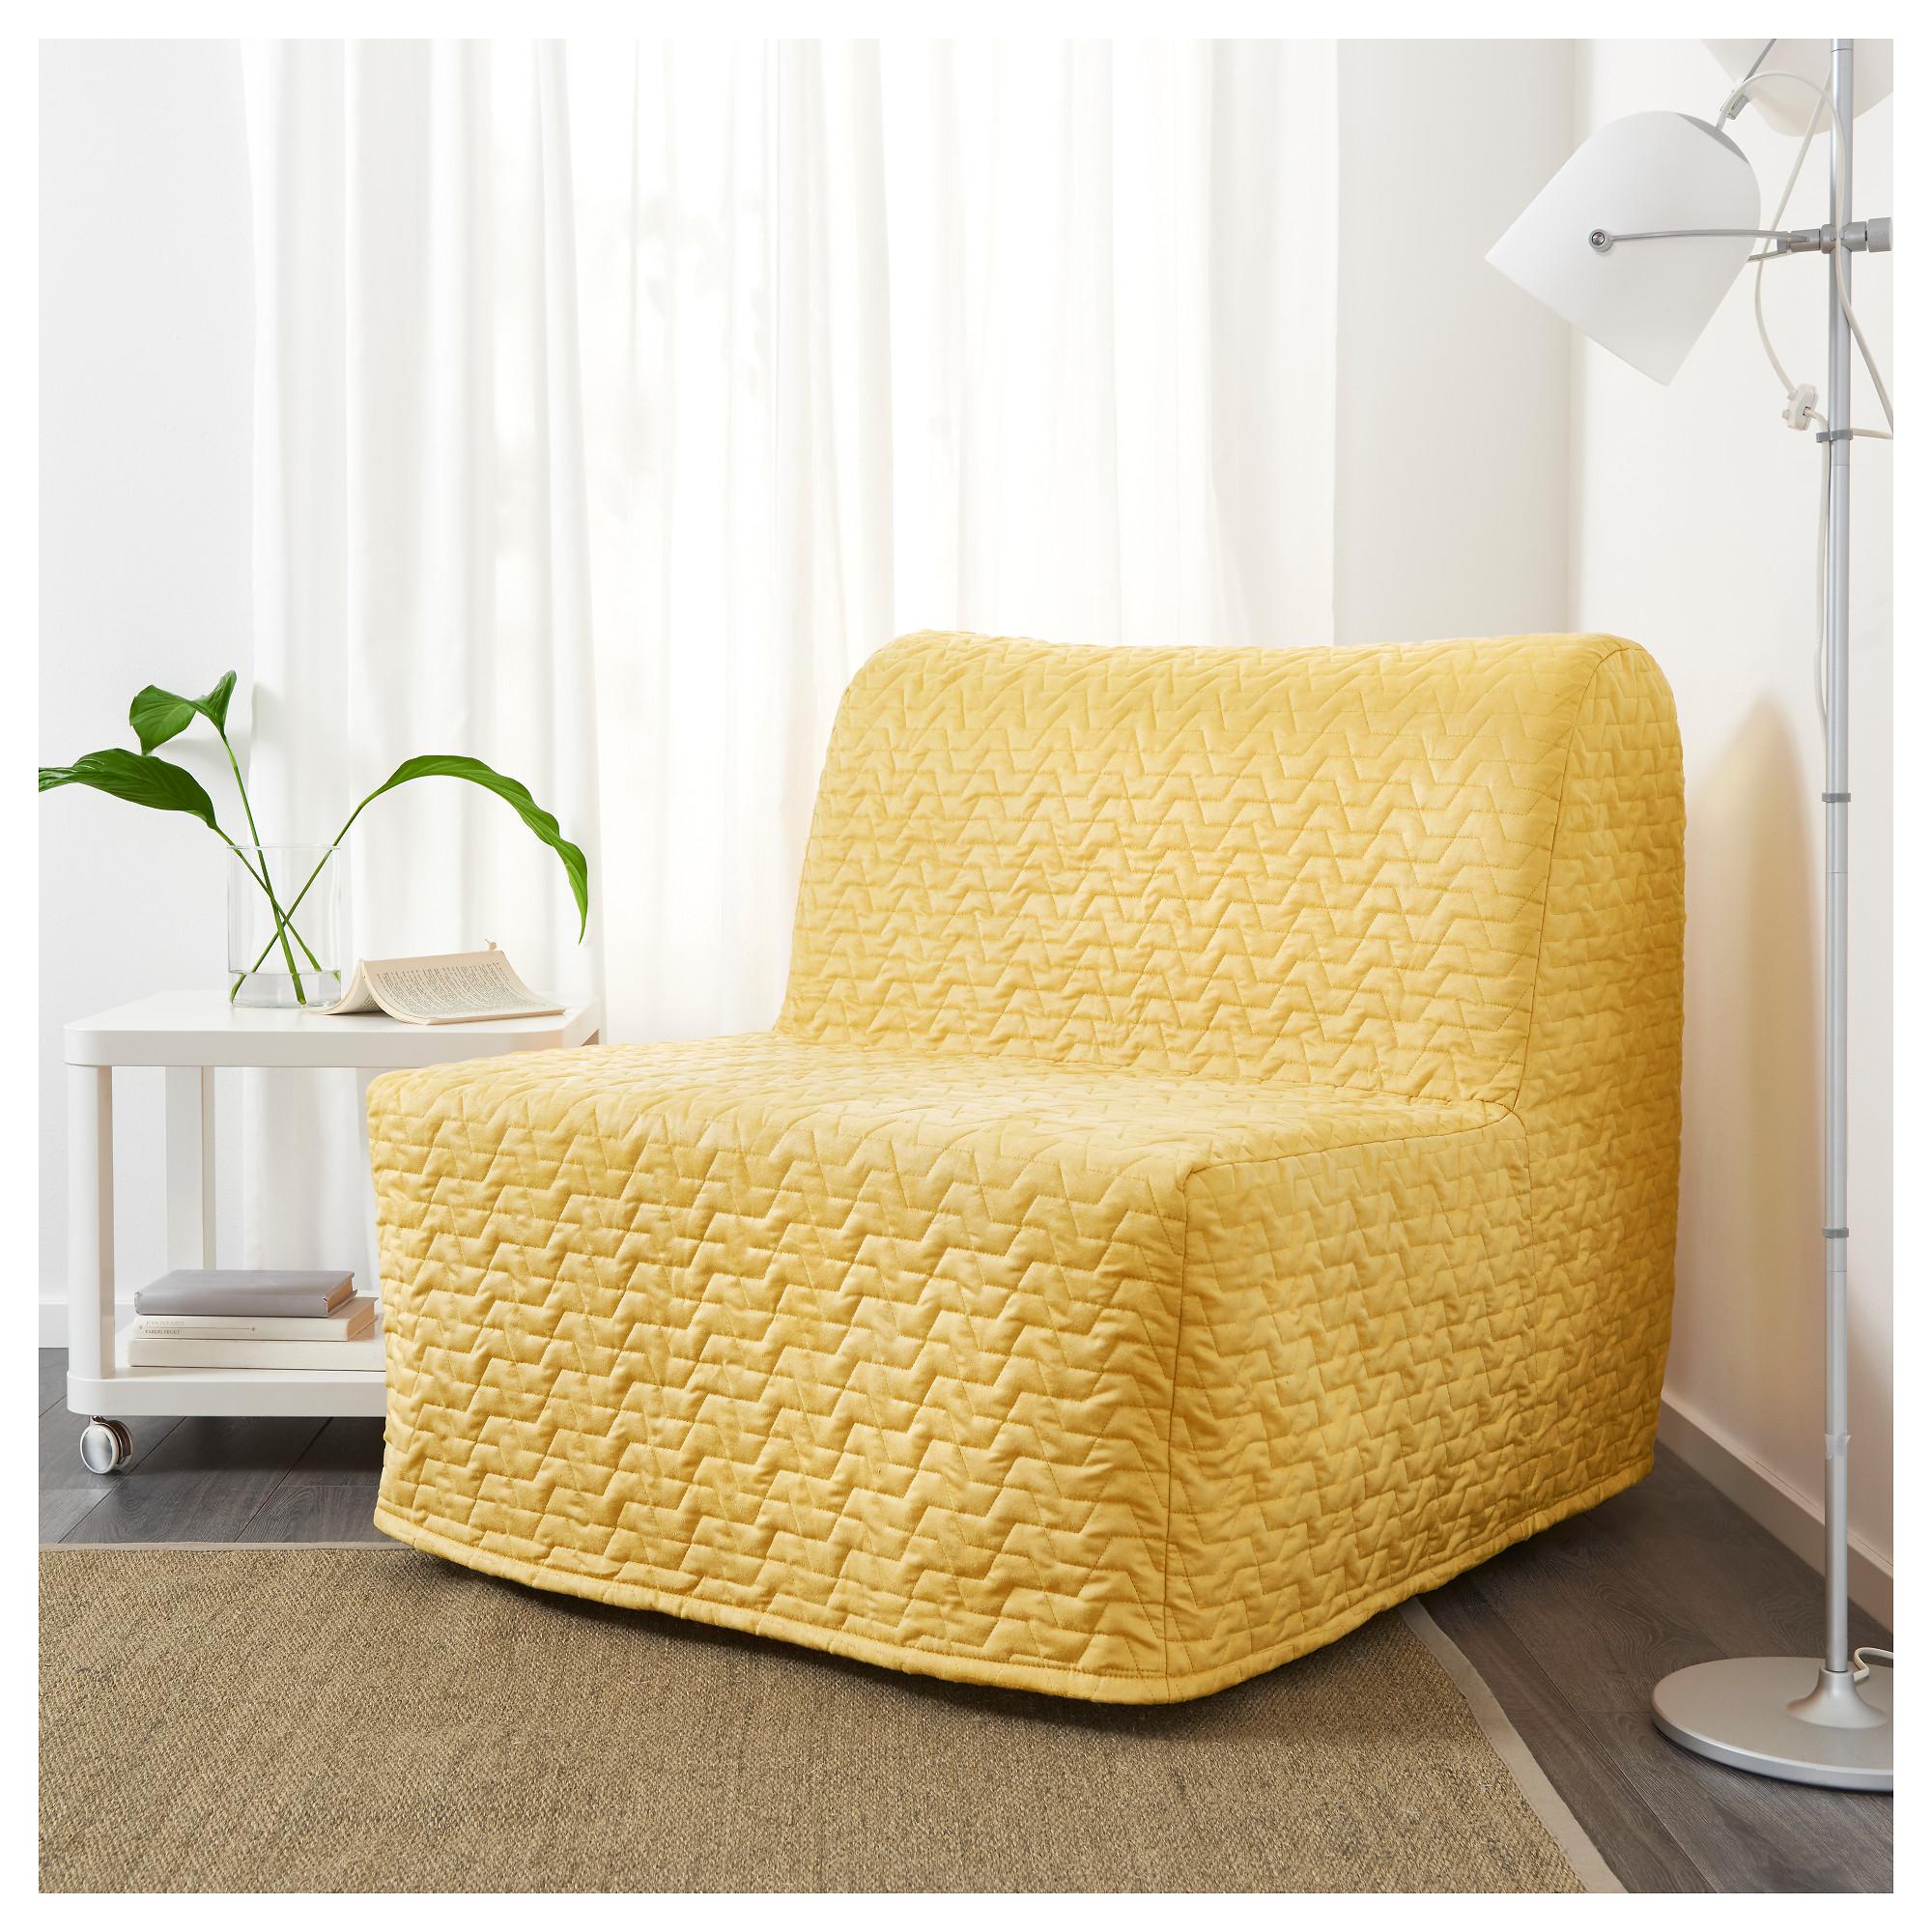 купить кресло кровать ликселе ховет валларум желтый в икеа минск